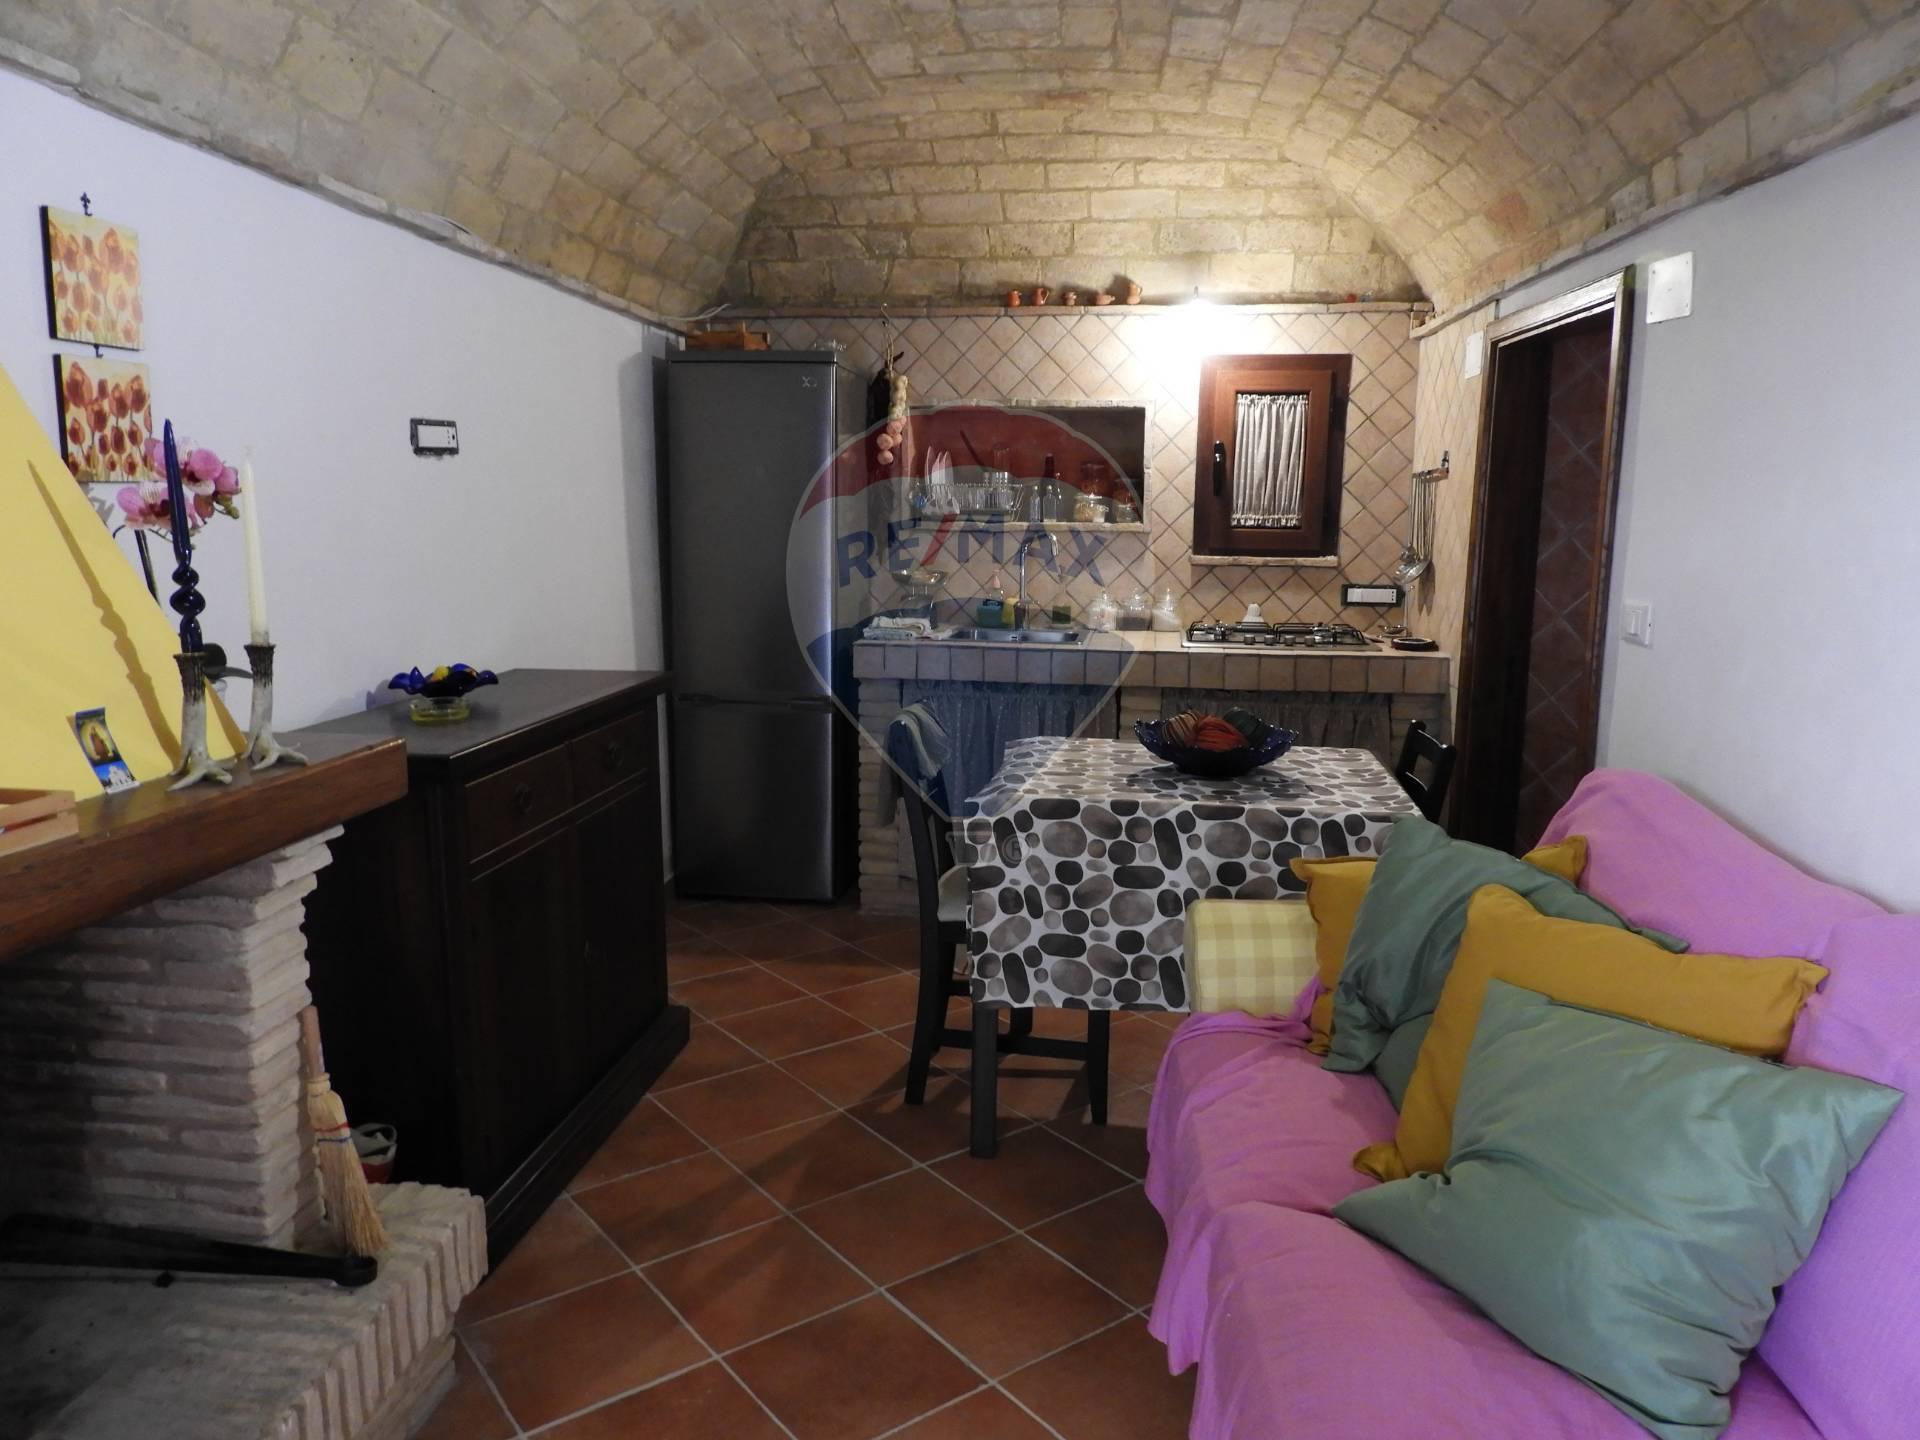 Soluzione Semindipendente in vendita a Rocca San Giovanni, 4 locali, prezzo € 38.000 | CambioCasa.it